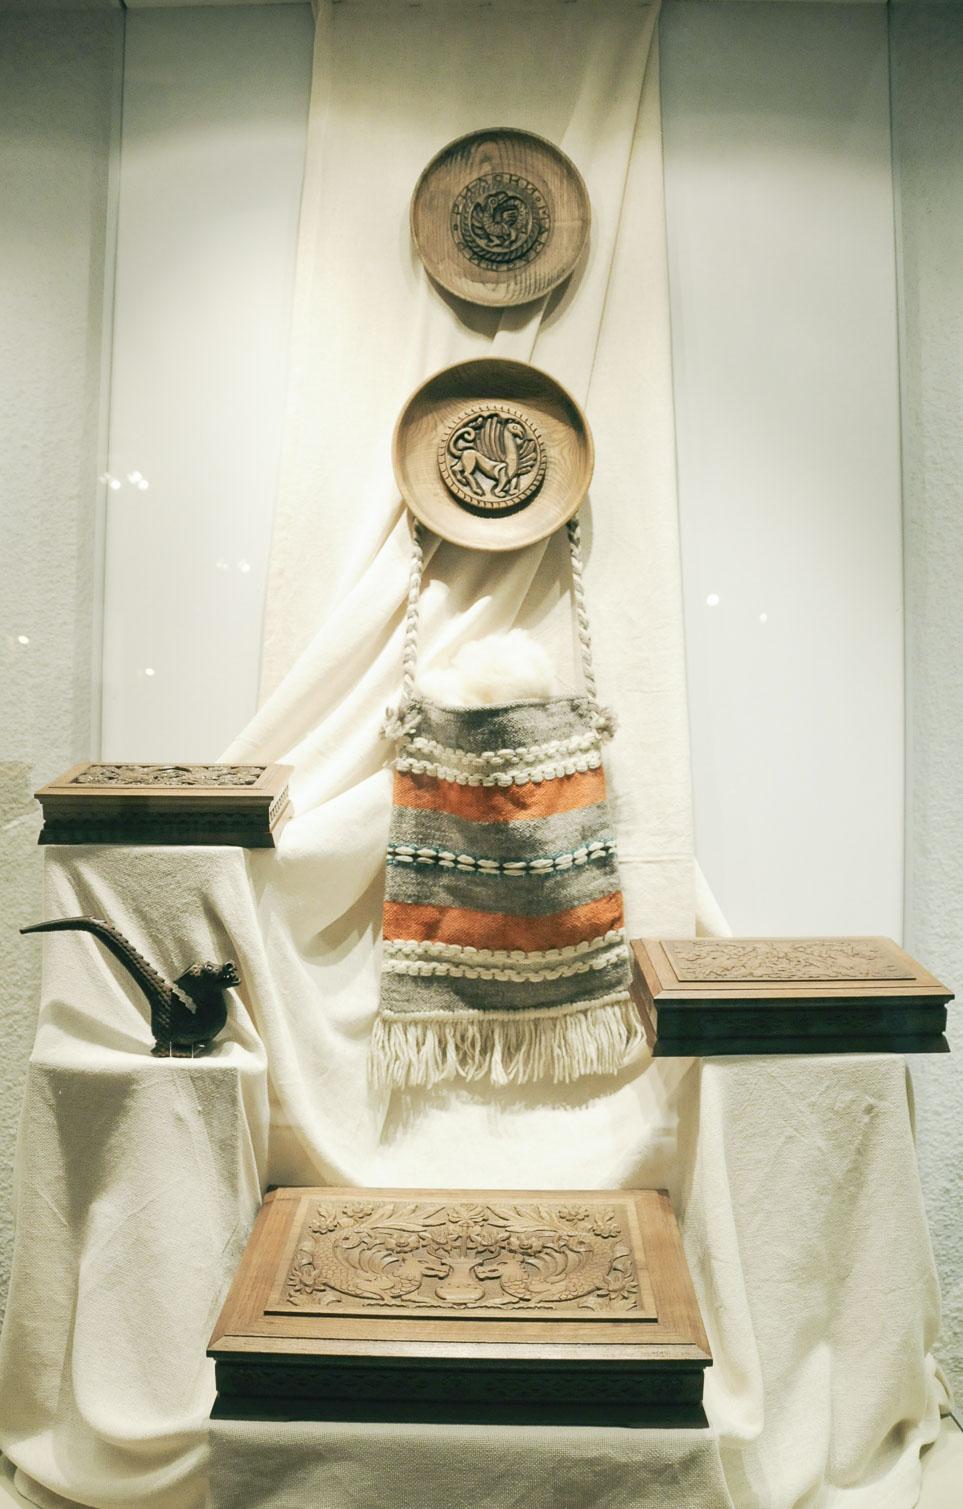 troyan-museum-kak-ojivqva-dyrvoto-6